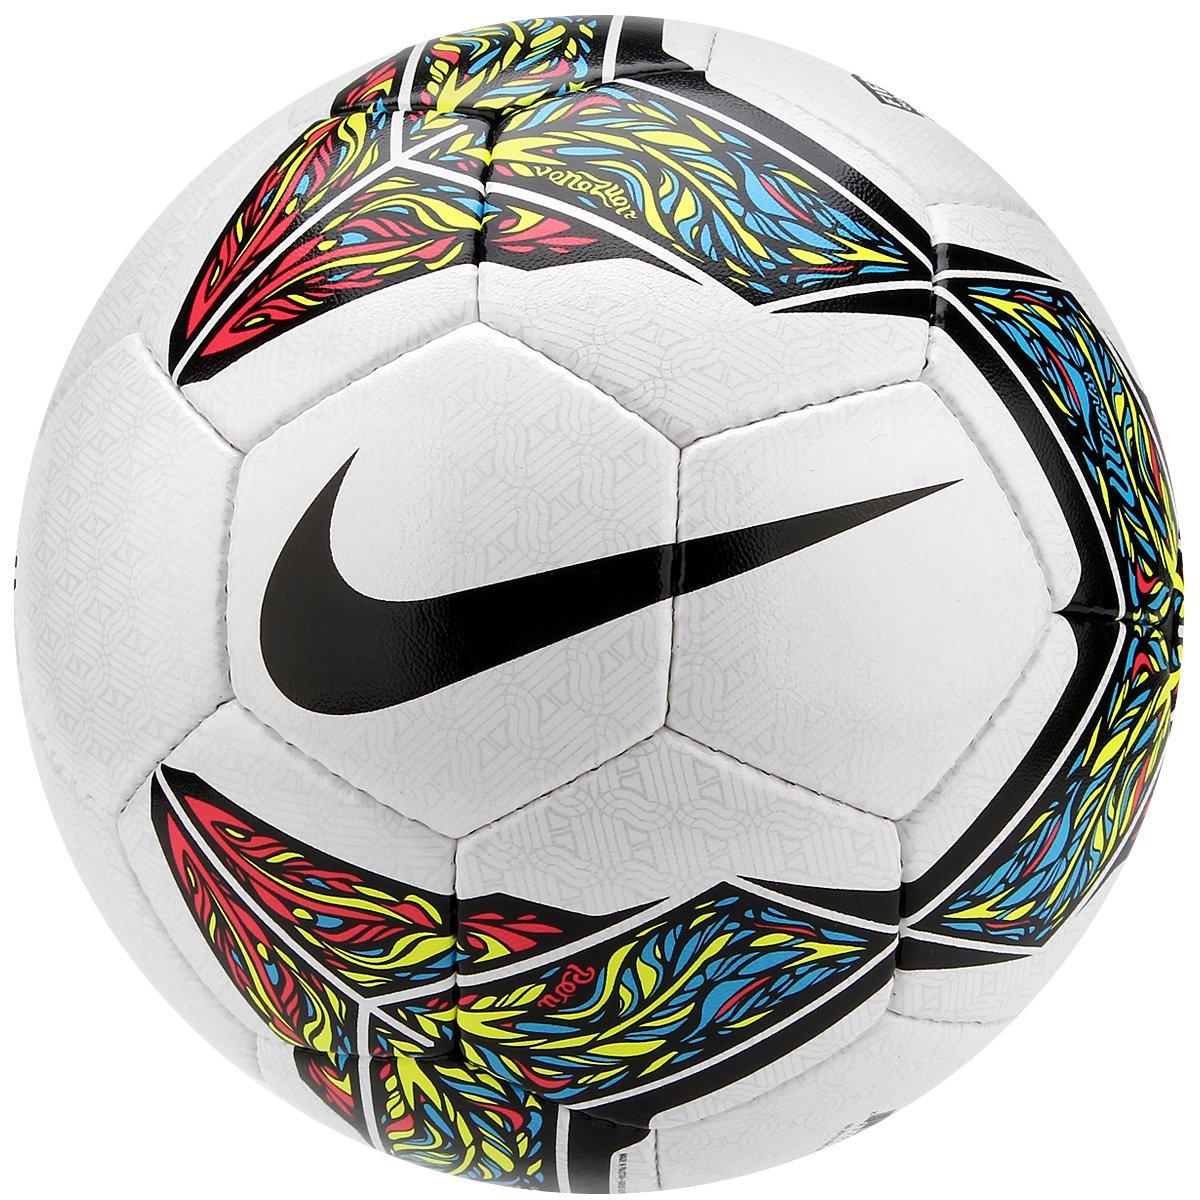 Bola Futebol Nike Rolinho Premier CSF Futsal - Compre Agora  02cac4c21df95